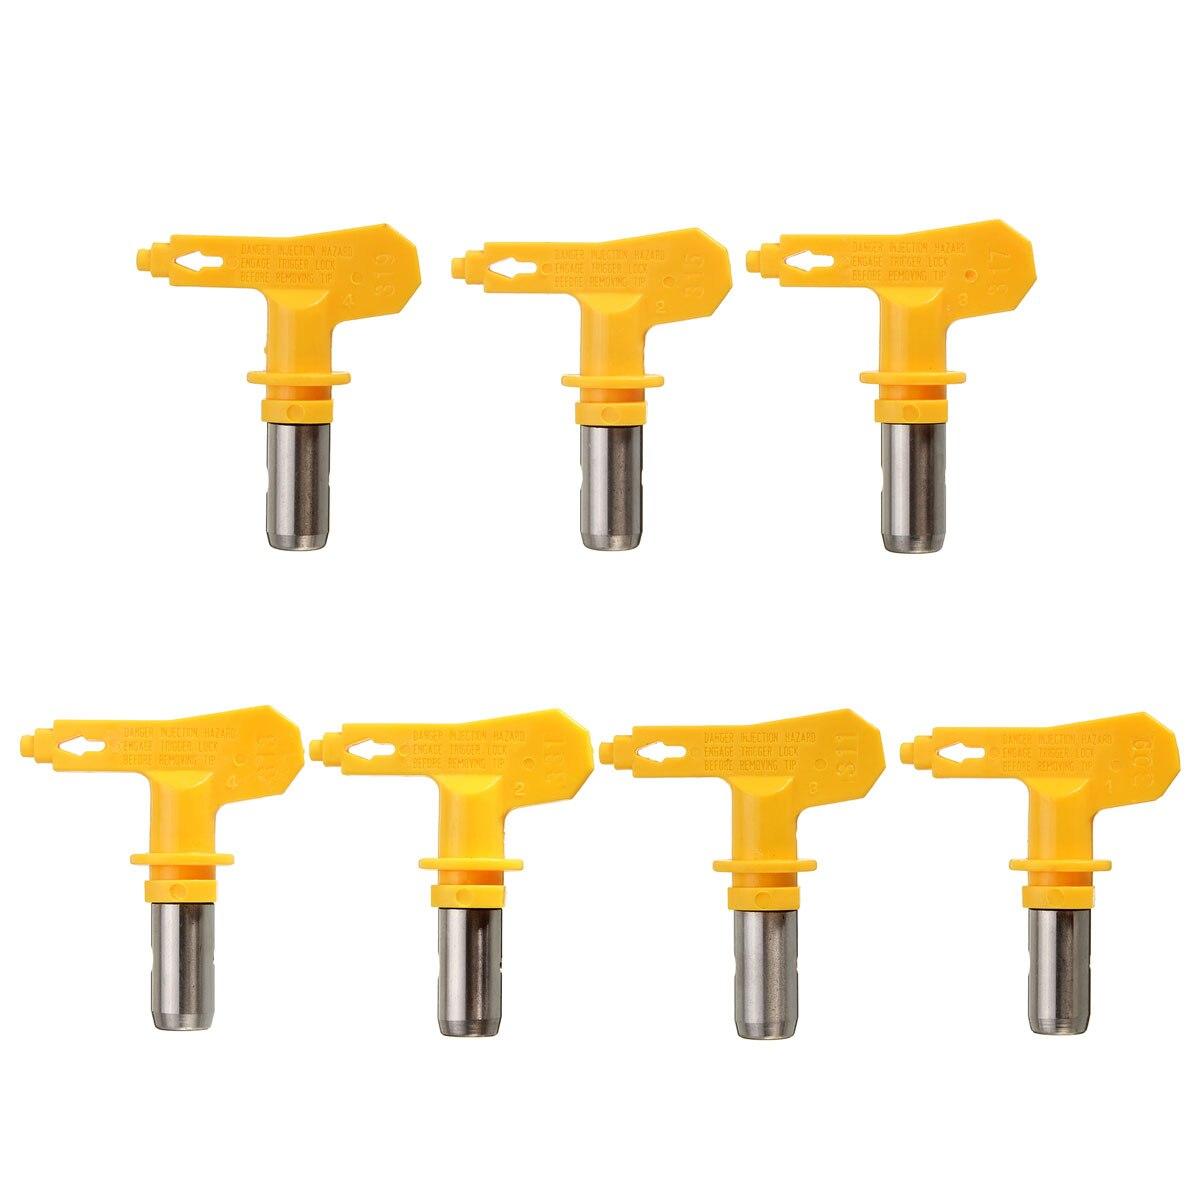 Boquilla de aerógrafo amarillo Serie 3 para pintura sin aire pintura Spray G un polvo de Punta recubrimiento pulverizador de pintura portátil herramienta de reparación de automóviles